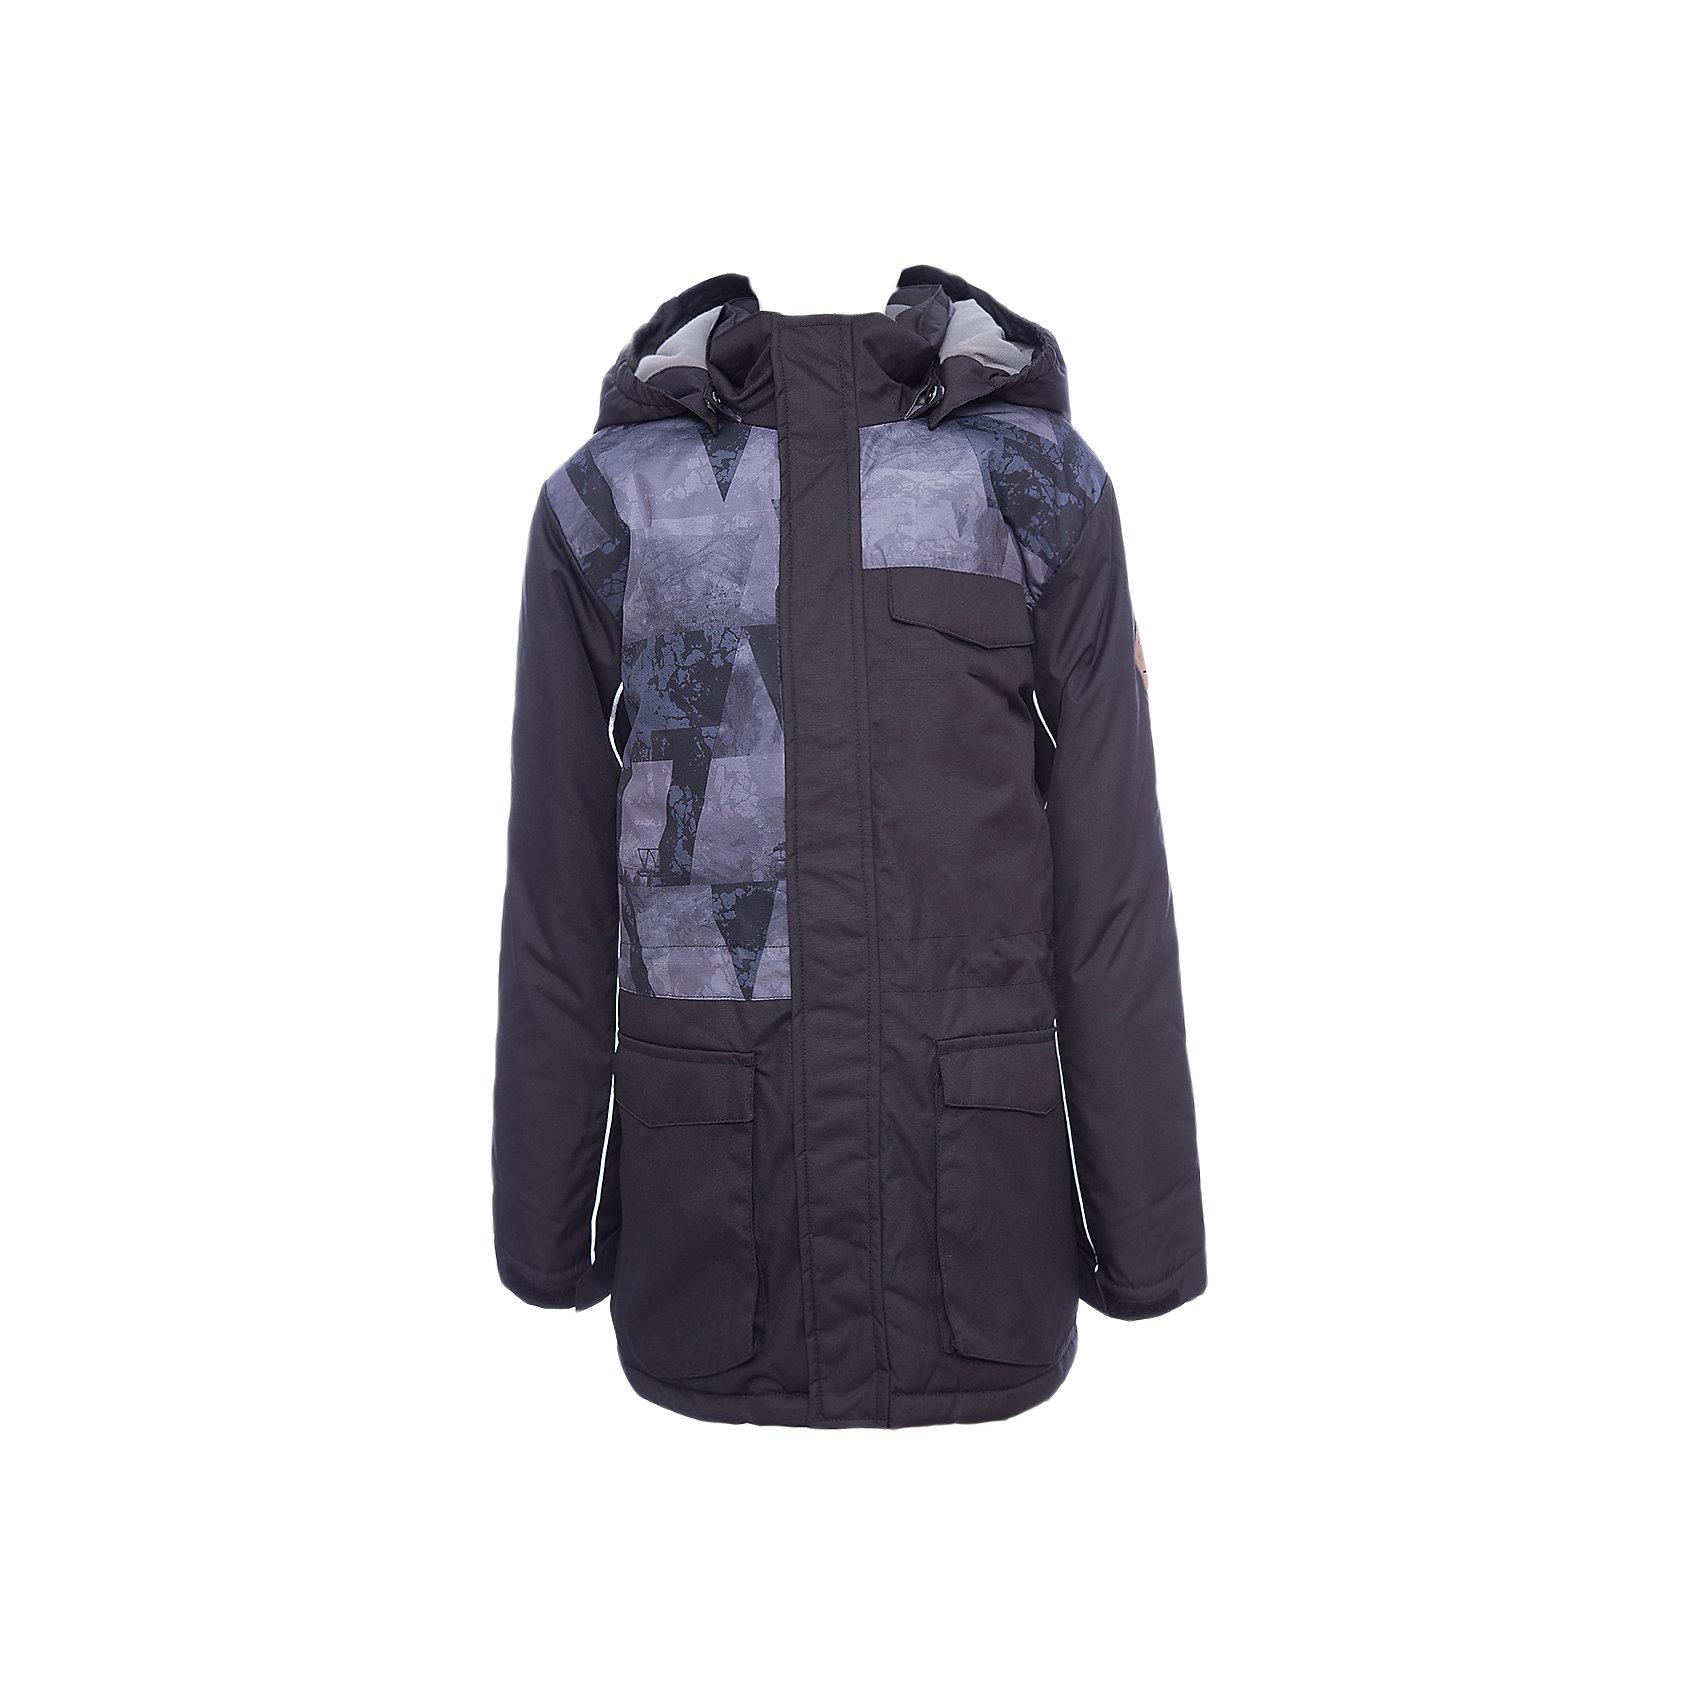 Куртка AMIKA Huppa для мальчикаЗимние куртки<br>Характеристики товара:<br><br>• модель: Amika;<br>• состав: 100% полиэстер;<br>• утеплитель:  нового поколенияHuppaTherm,300 гр.;<br>• подкладка: полиэстер, тафта, pritex;<br>• сезон: зима;<br>• температурный режим: от - 5 до - 25С;<br>• водонепроницаемость: 10000 мм;<br>• воздухопроницаемость: 10000 г/м2/24ч;<br>• все швы проклеены и не пропускают влагу;<br>• защитная планка молнии;<br>• защита подбородка от защемления;<br>• капюшон крепится на кнопки и, при необходимости, отстегивается;<br>• кулиска по талии;<br>• вместительные карманы;<br>• светоотражающие элементы для безопасности ребенка;<br>• регулируемые рукава на липучке с дополнительным вязаным манжетом внутри; <br>• страна бренда: Финляндия;<br>• страна изготовитель: Эстония.<br><br>Куртка для мальчиков Amika, универсальная парка сшита из воздухопроницаемой ткани,водоотталкивающей,ветрозащитной,отлично подходящей для активного отдыха. В куртке Amika 300 грамм утеплителя, которые обеспечат тепло и комфорт ребенку при температуре от -5 до -25 градусов.Подкладка —полиэстер, тафта, pritex. Модель с кулисой по талии, множеством вместительных карманов, основные швы проклеены.Застежка:молния YKK,закрытая клапаном на кнопках.<br><br>Функциональные элементы: безопасное крепление капюшона на кнопках, верхняя часть молнии оснащена защитой для подбородка, светоотражающие элементы, регулируемые рукава на липучке с дополнительным вязаным манжетом внутри.<br><br>Куртку Amika для мальчика бренда HUPPA  можно купить в нашем интернет-магазине.<br><br>Ширина мм: 356<br>Глубина мм: 10<br>Высота мм: 245<br>Вес г: 519<br>Цвет: черный<br>Возраст от месяцев: 60<br>Возраст до месяцев: 72<br>Пол: Мужской<br>Возраст: Детский<br>Размер: 116,122,128,134,140,146,152,158,164,170,110<br>SKU: 7025030